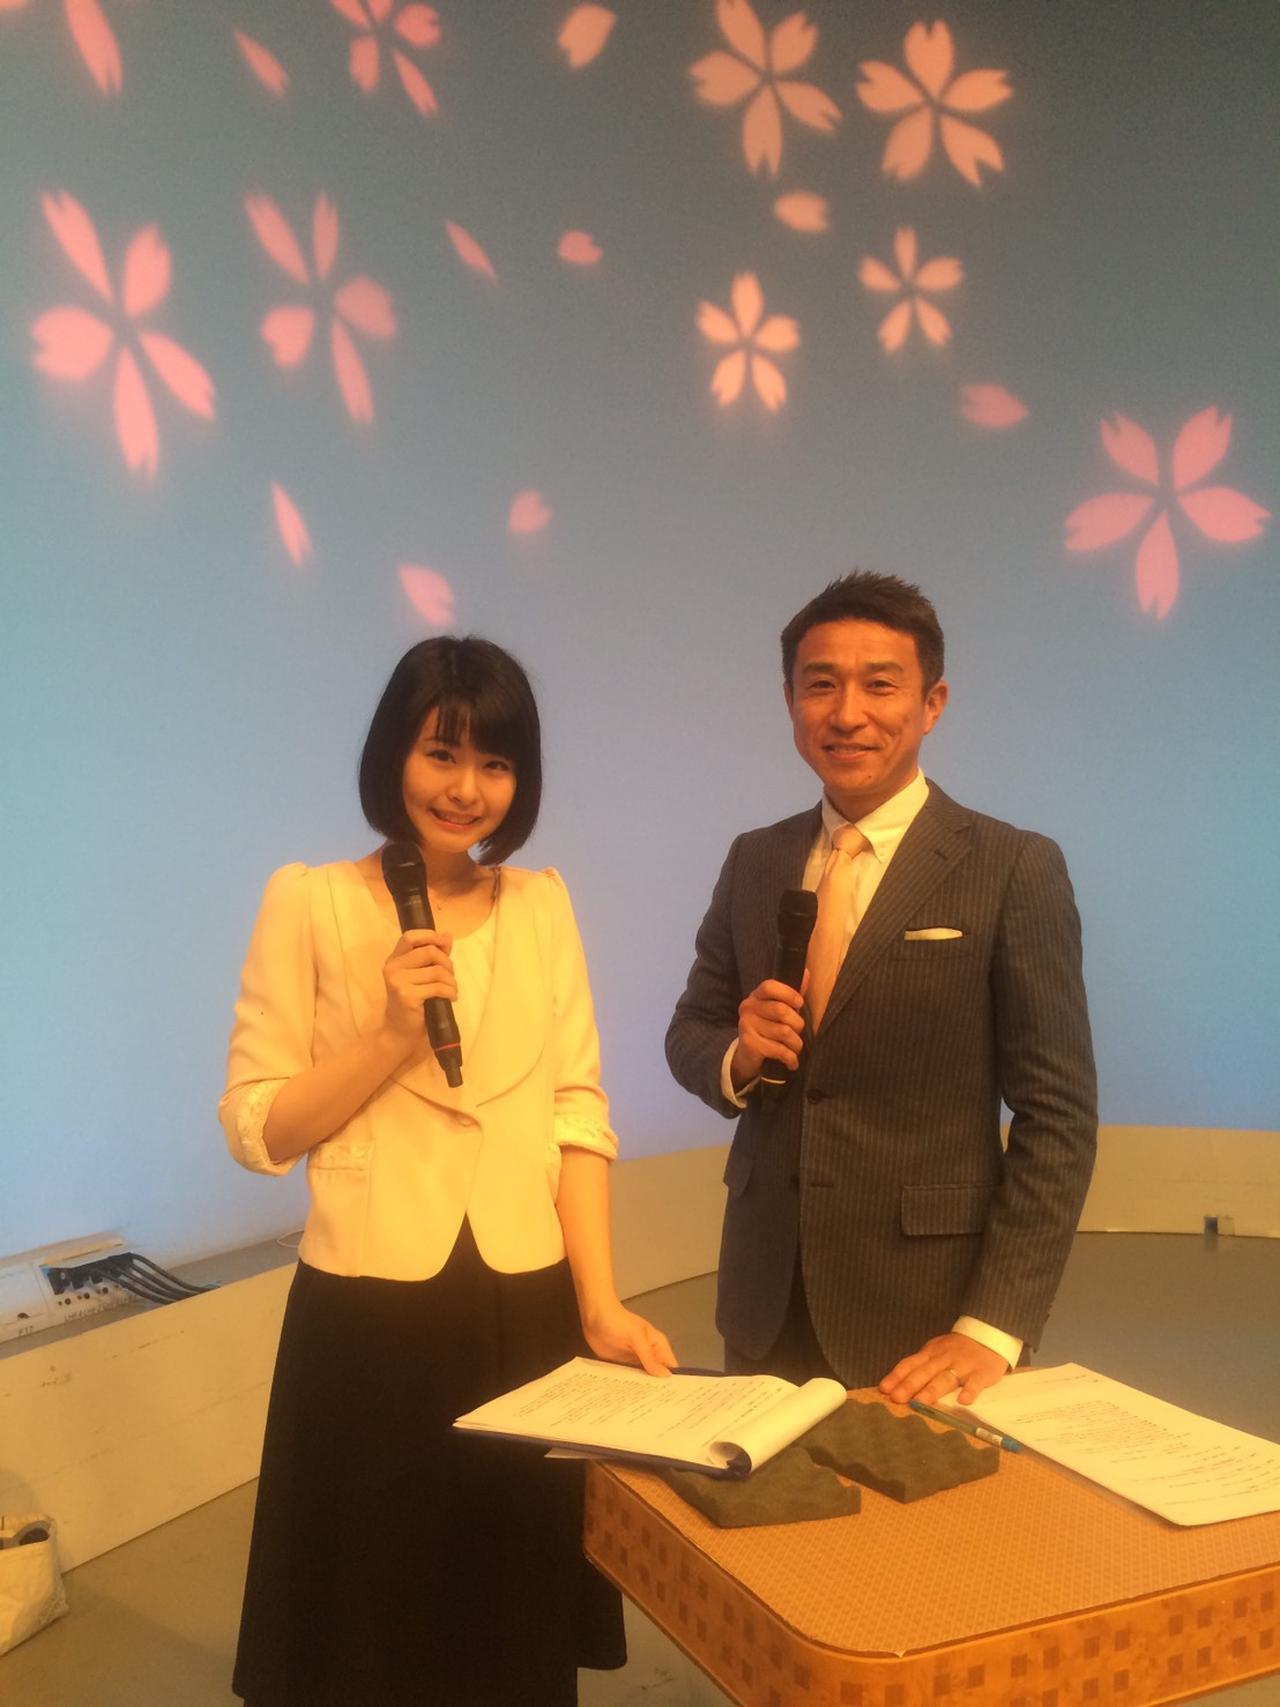 画像2: 佐藤裕二 新入社員の皆さん、おめでとうございます